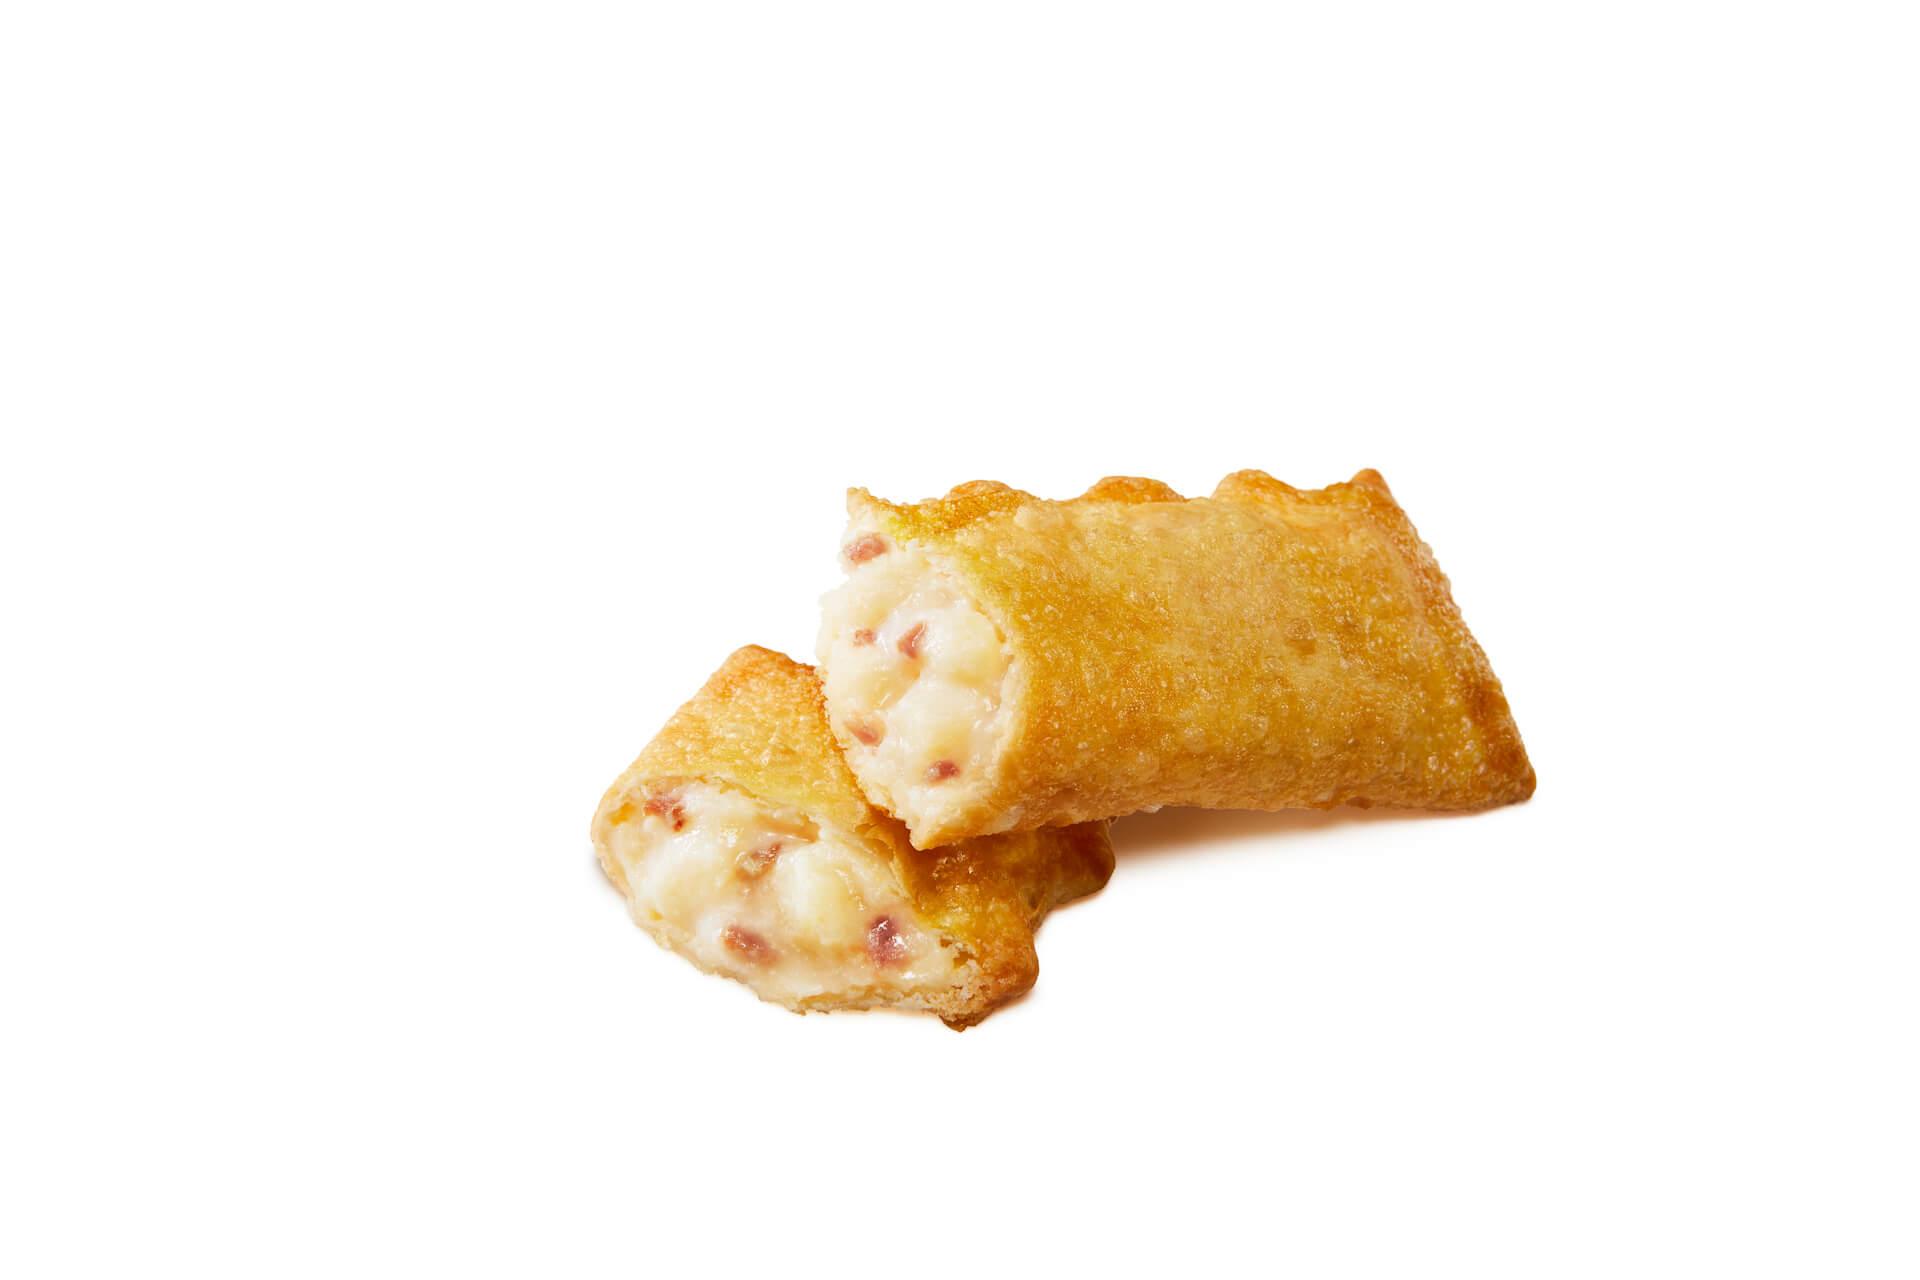 マクドナルドの超定番「ベーコンポテトパイ」が期間限定で今年も登場!90年代を彷彿とさせるエモいCMも gourmet210422_mcdonald_pie_2